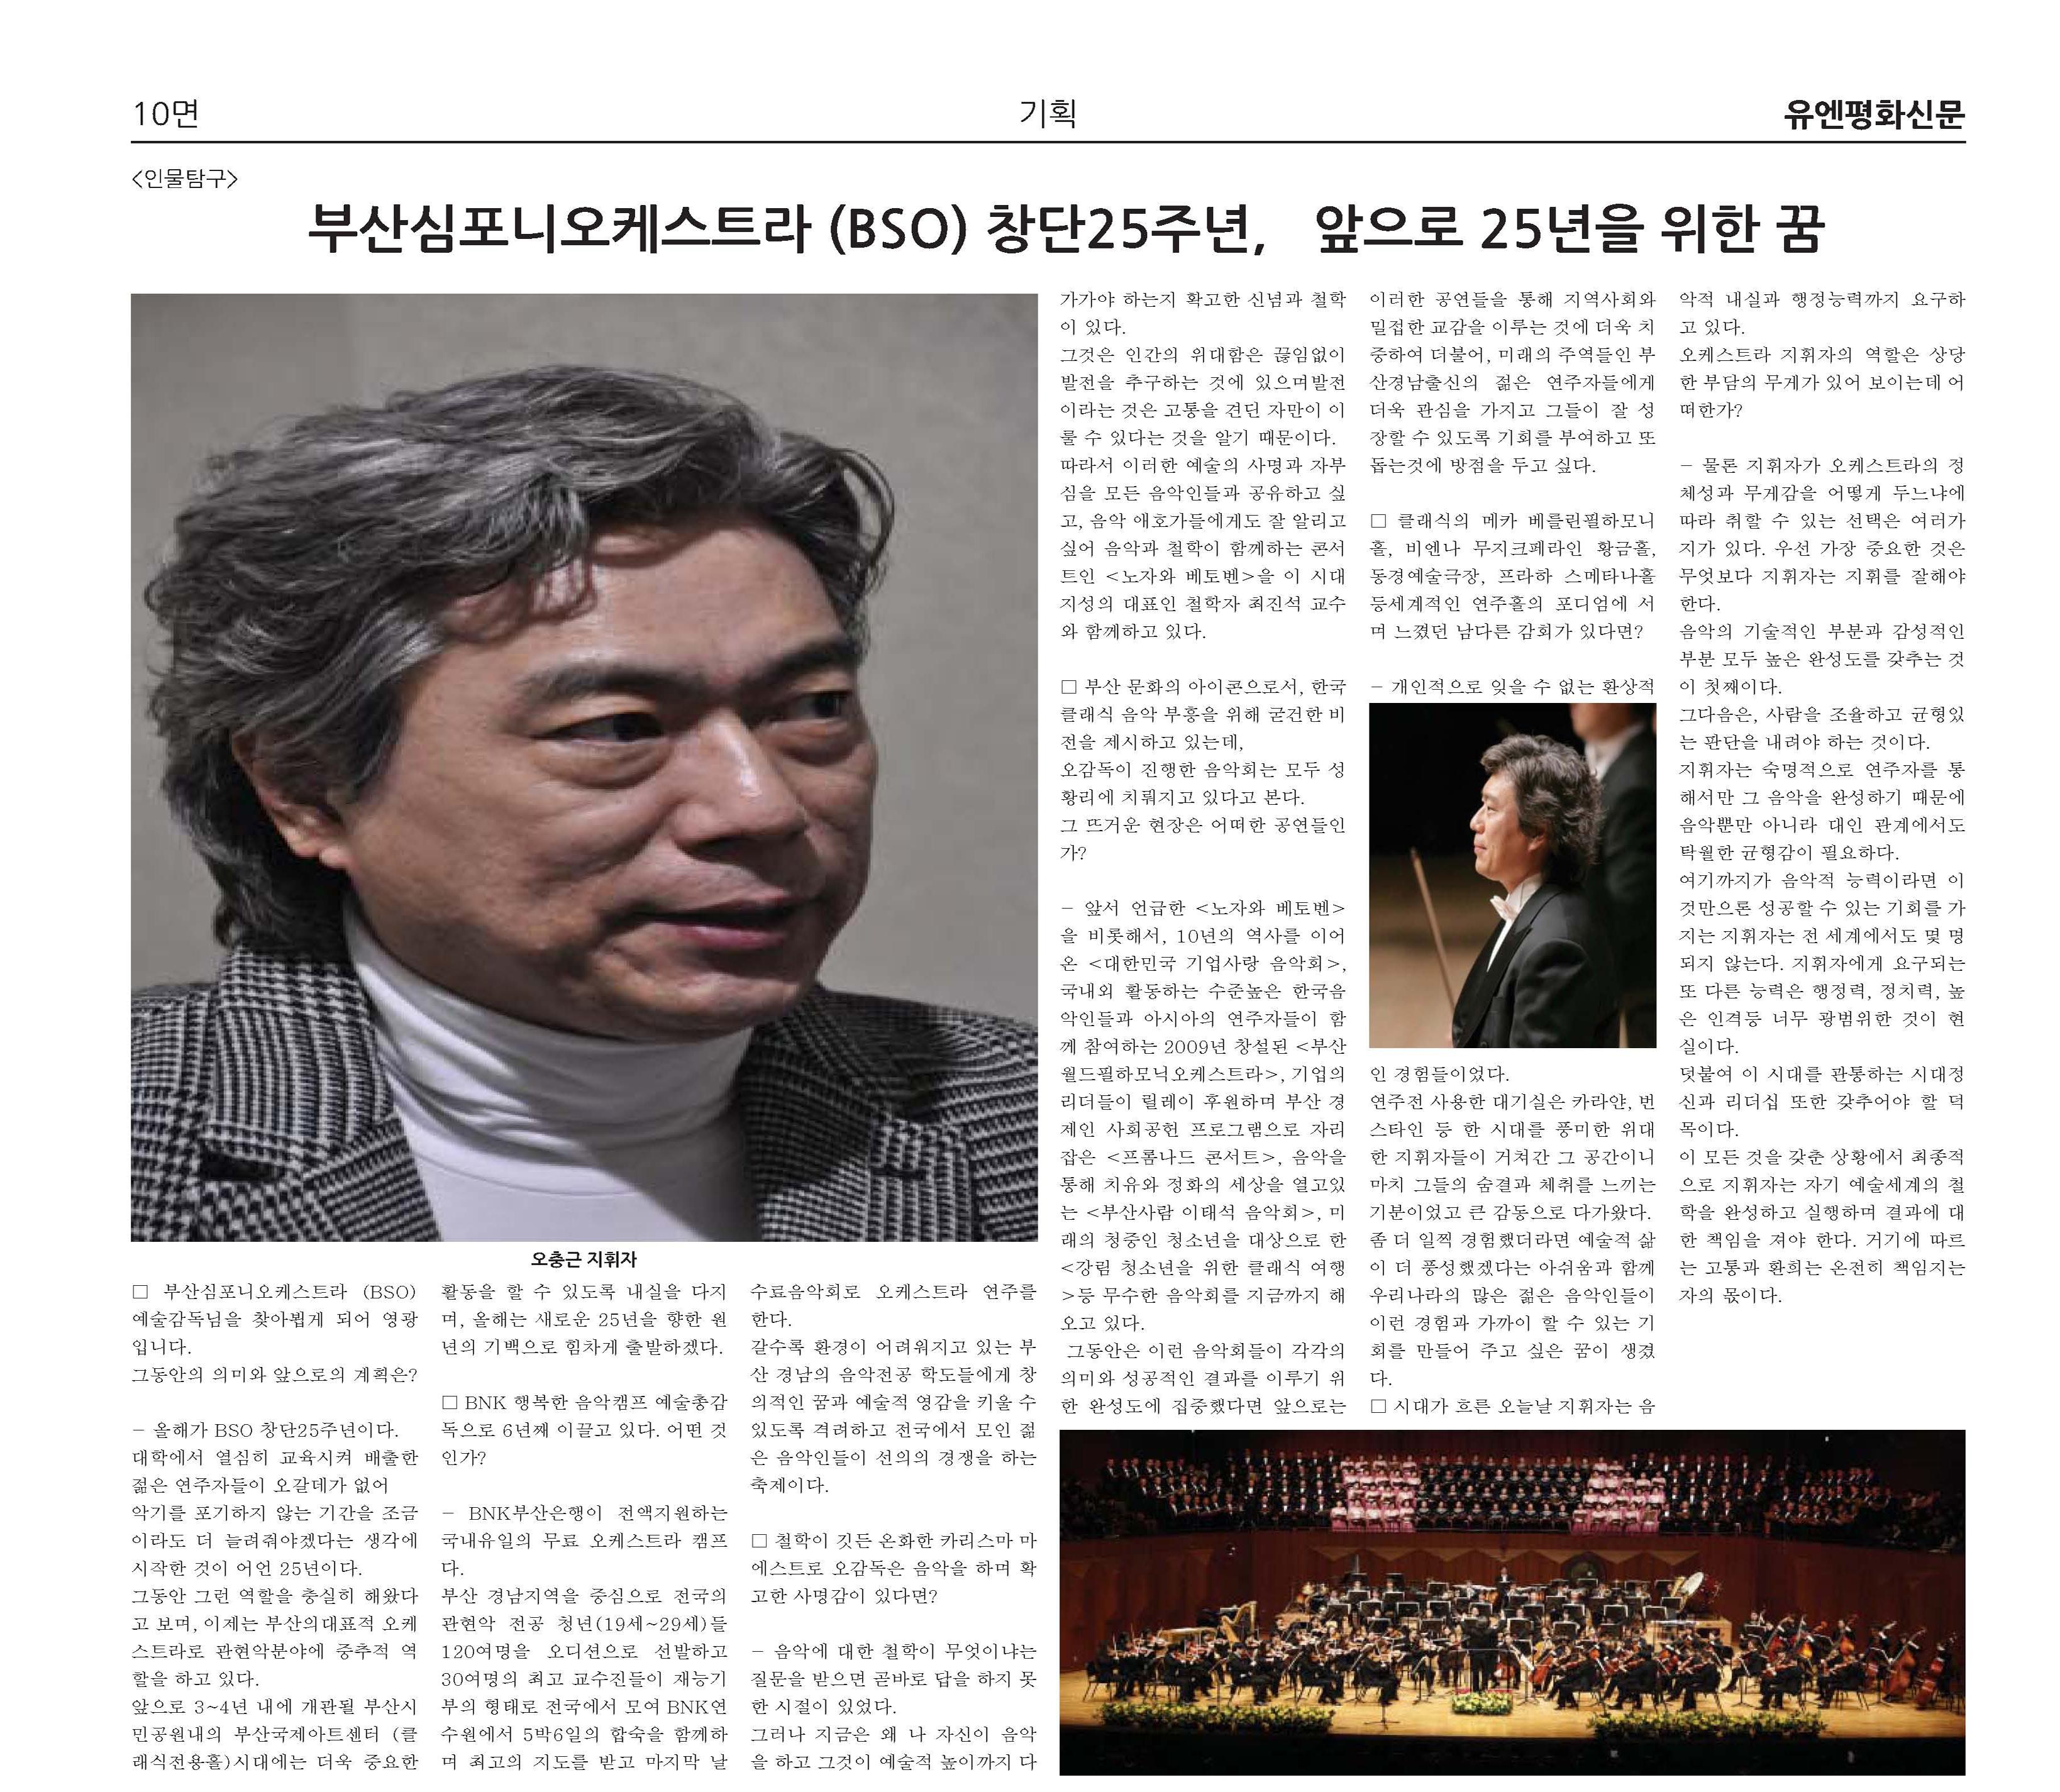 유엔평화신문01.21신신00.jpg